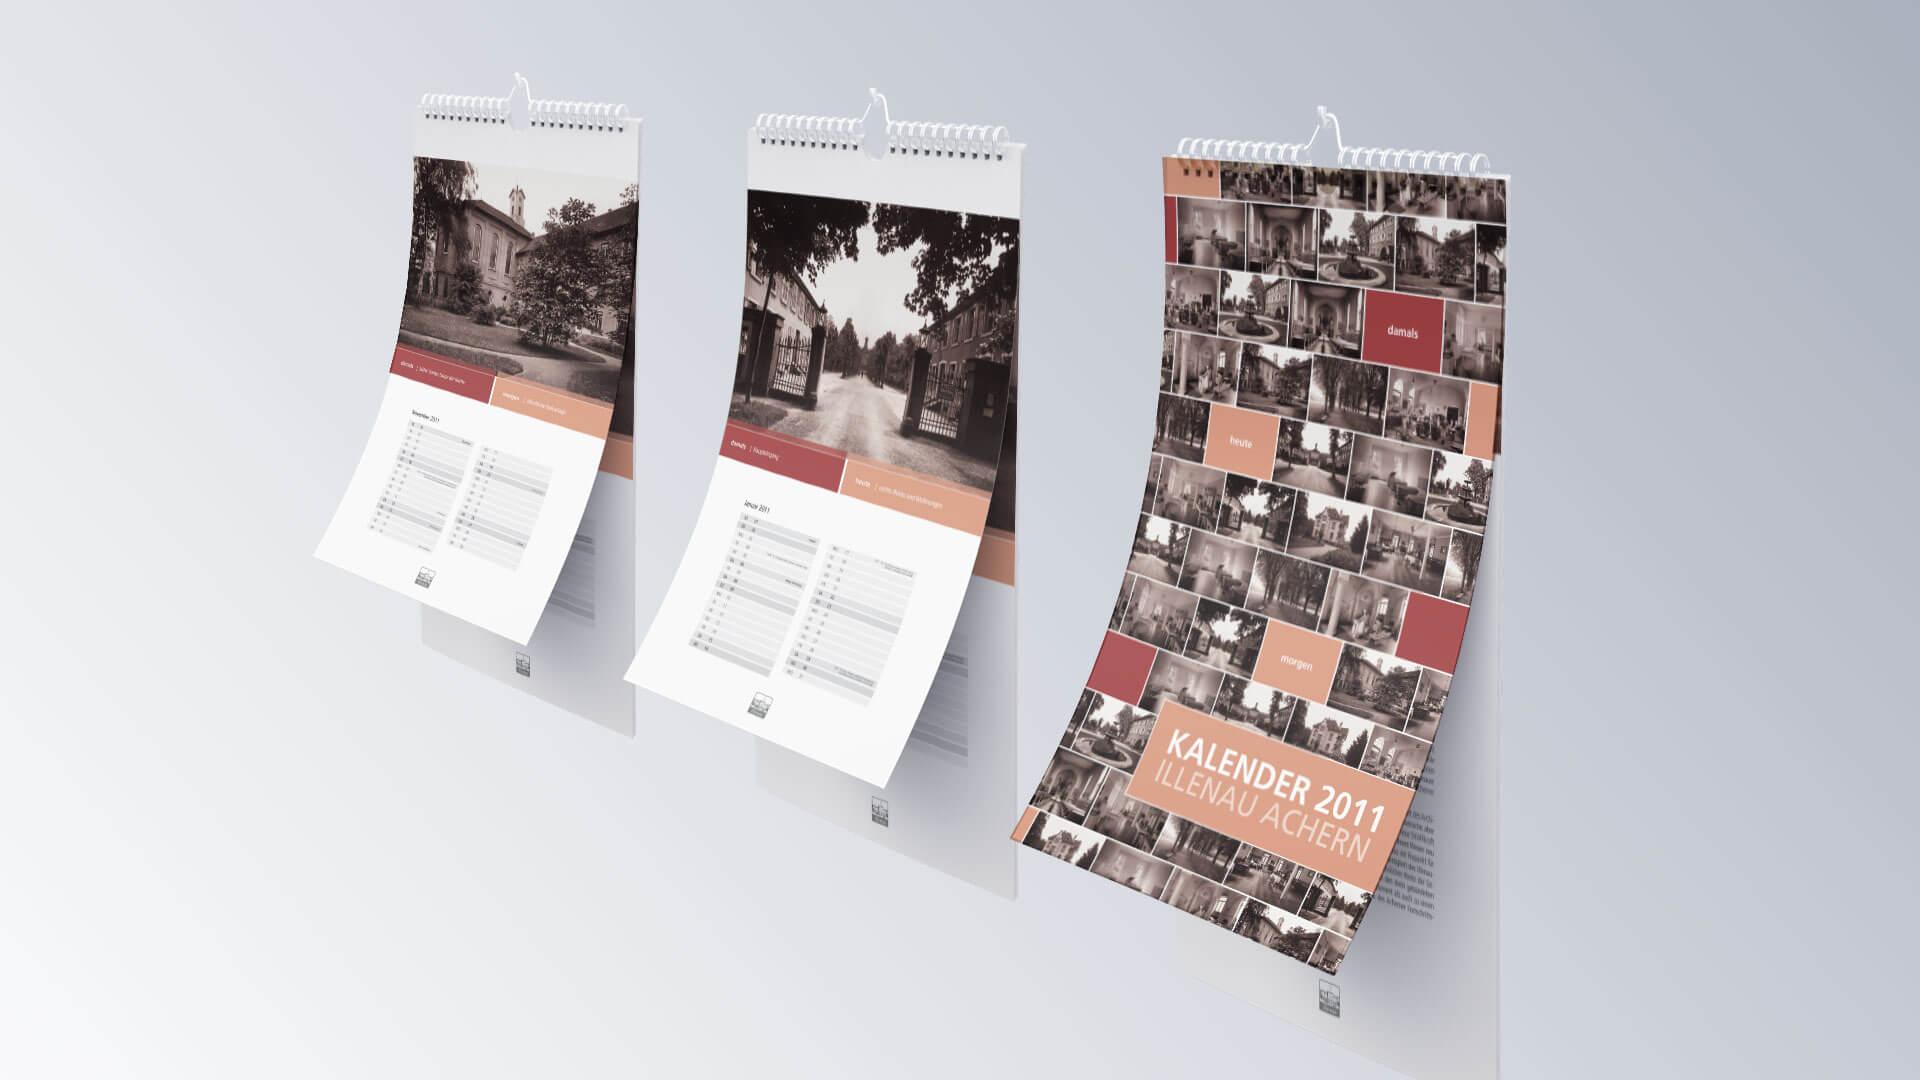 Illenau Arkaden Museum Achern Jahreskalender Fotografie